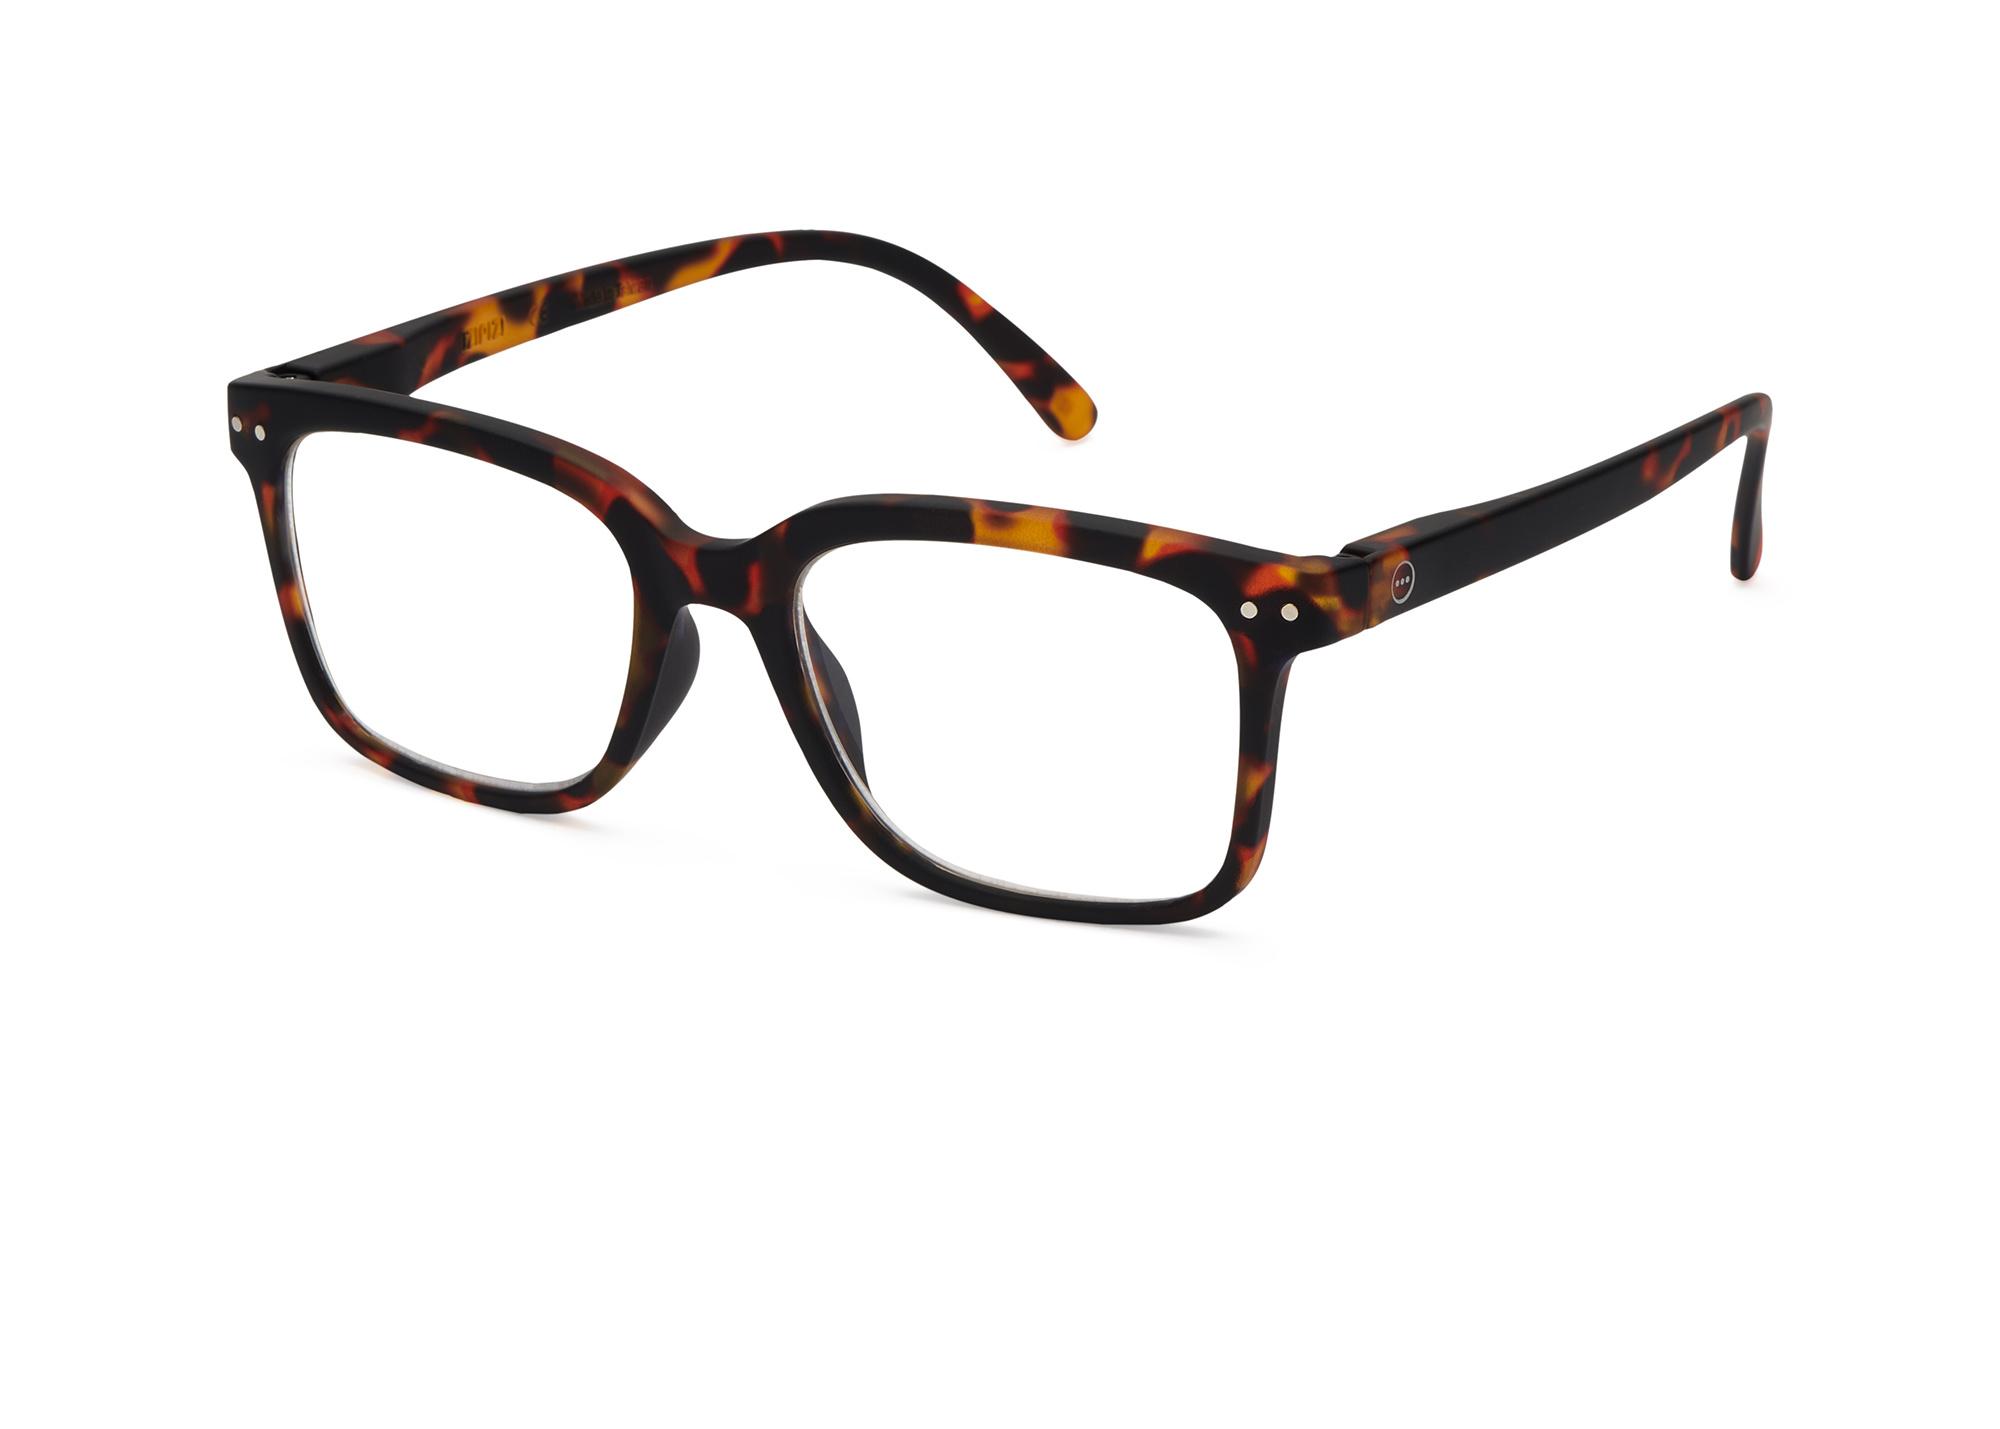 Izipizi leesbril model L Tortoise-3